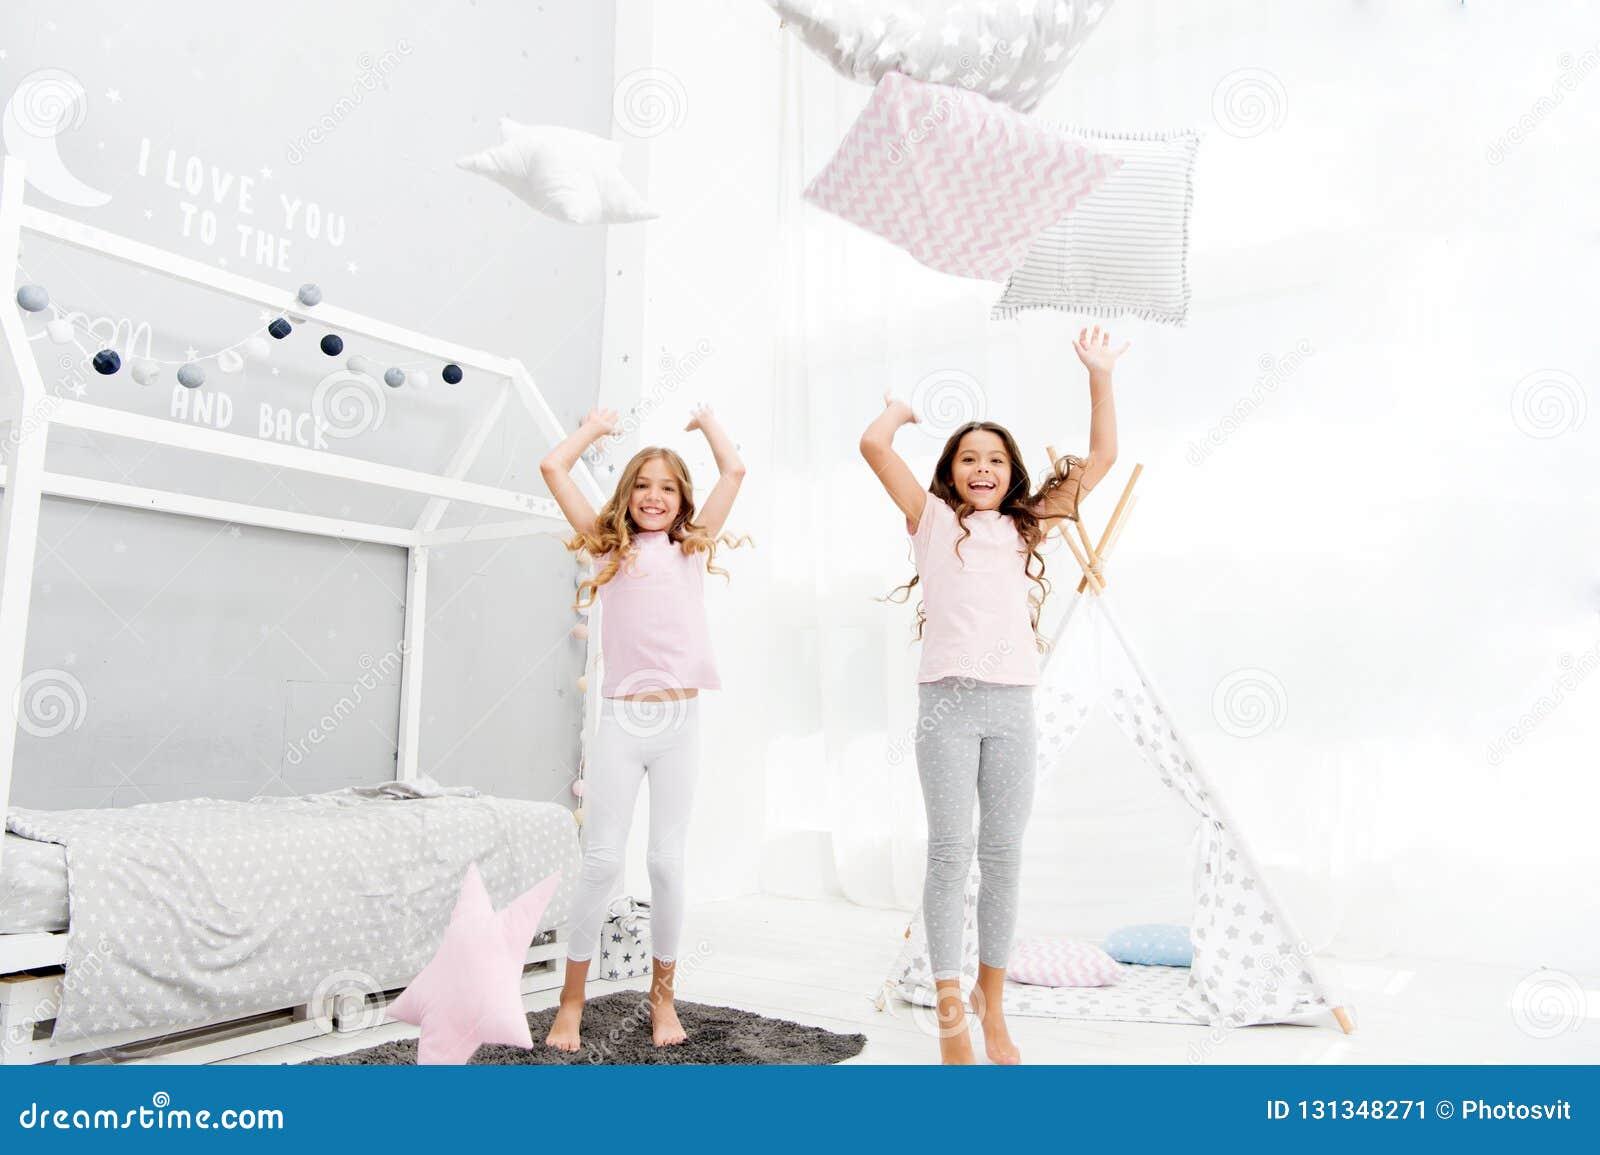 Kissenschlachtpyjamapartei Zeit zum Spaß glätten Sleepoverparteiideen Glückliche beste Freunde oder Geschwister der Mädchen in ne